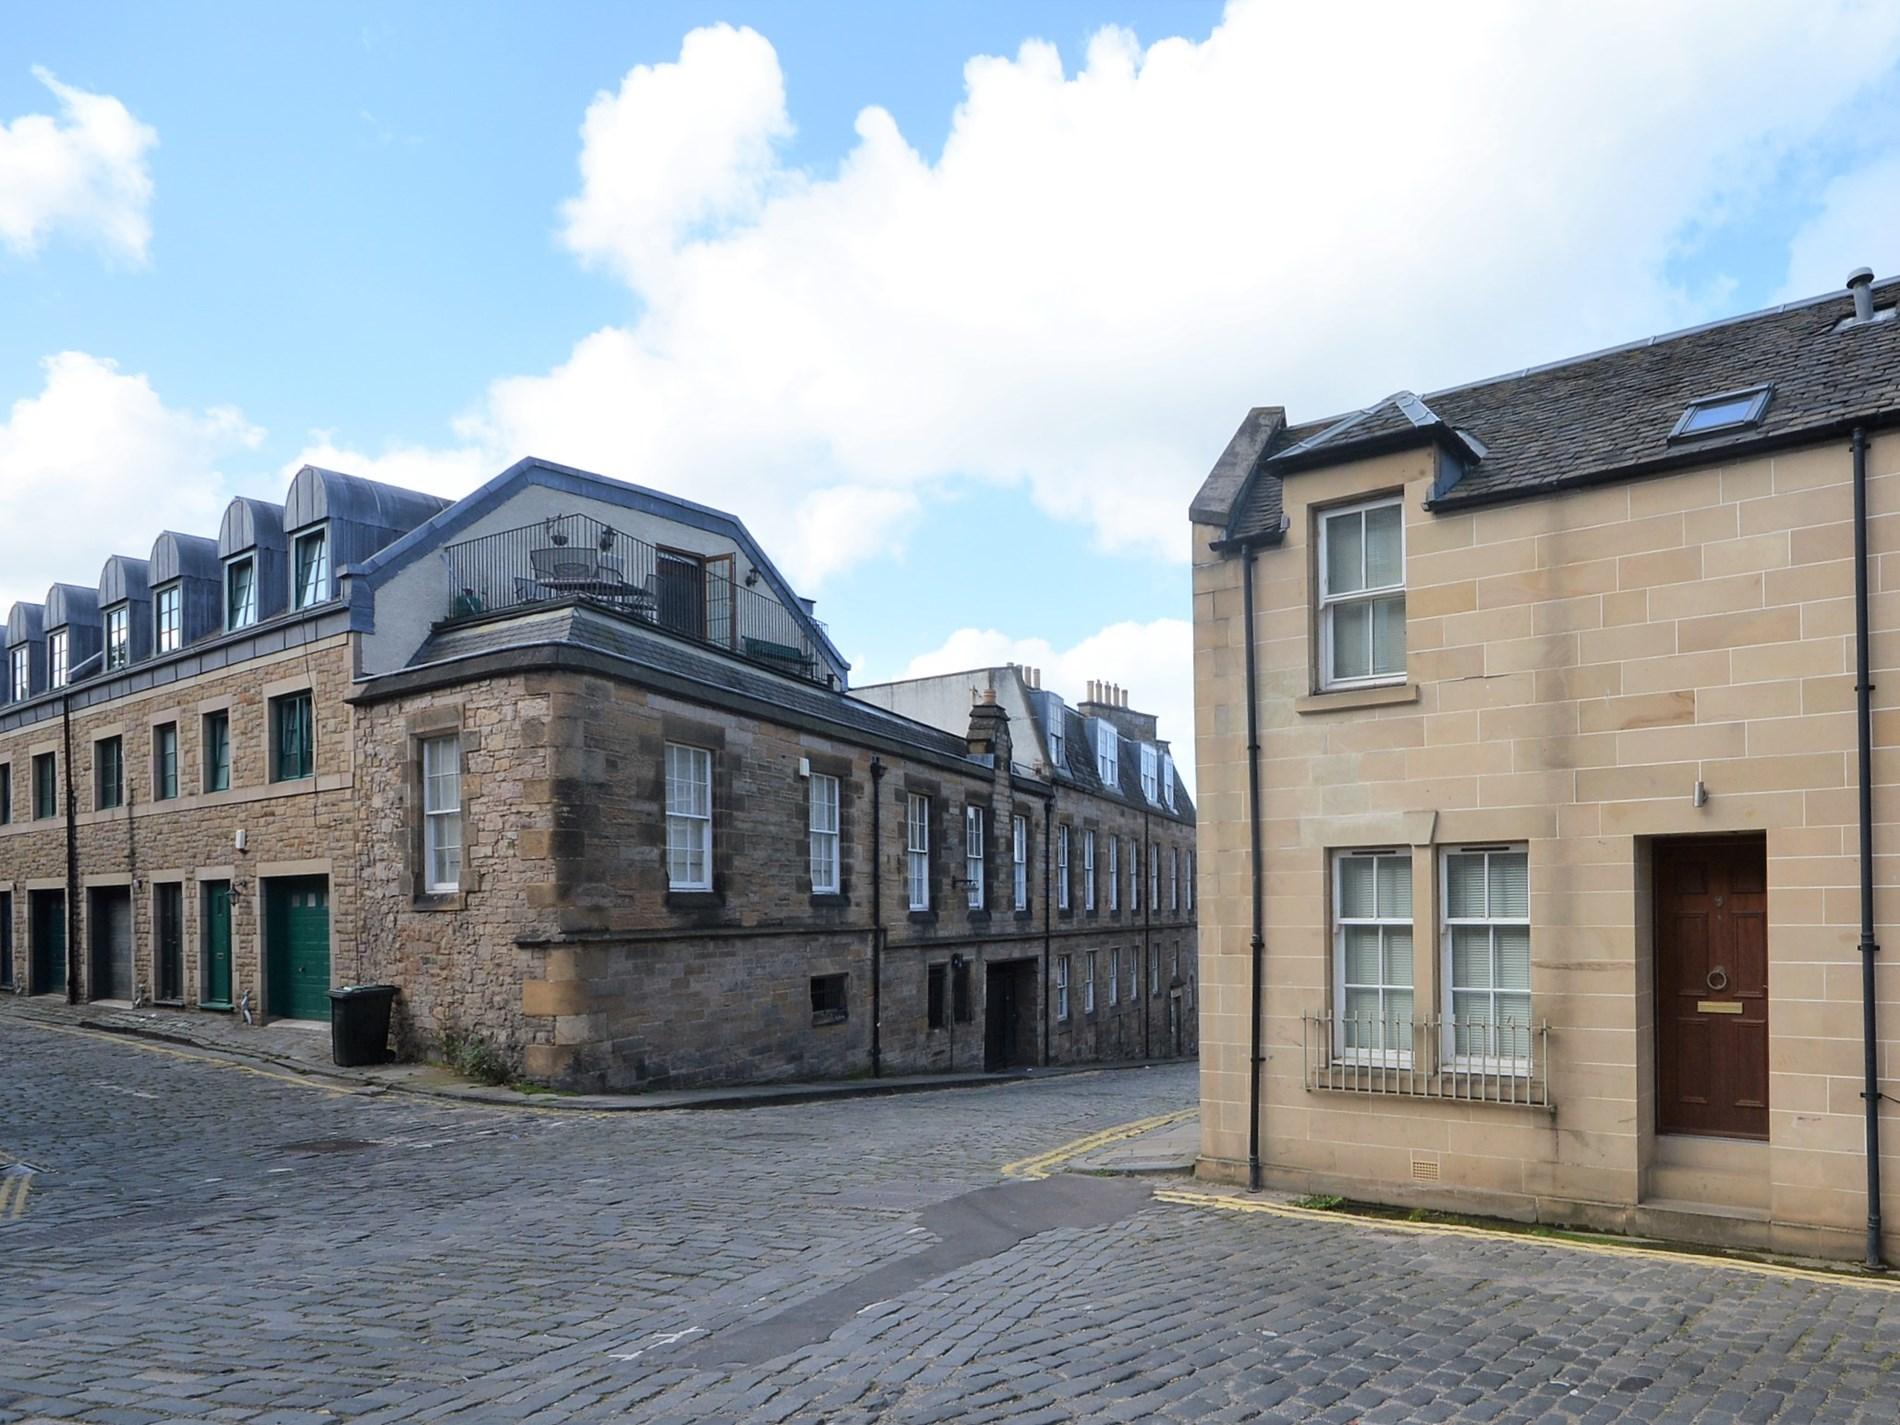 Ferienhaus in Edinburgh